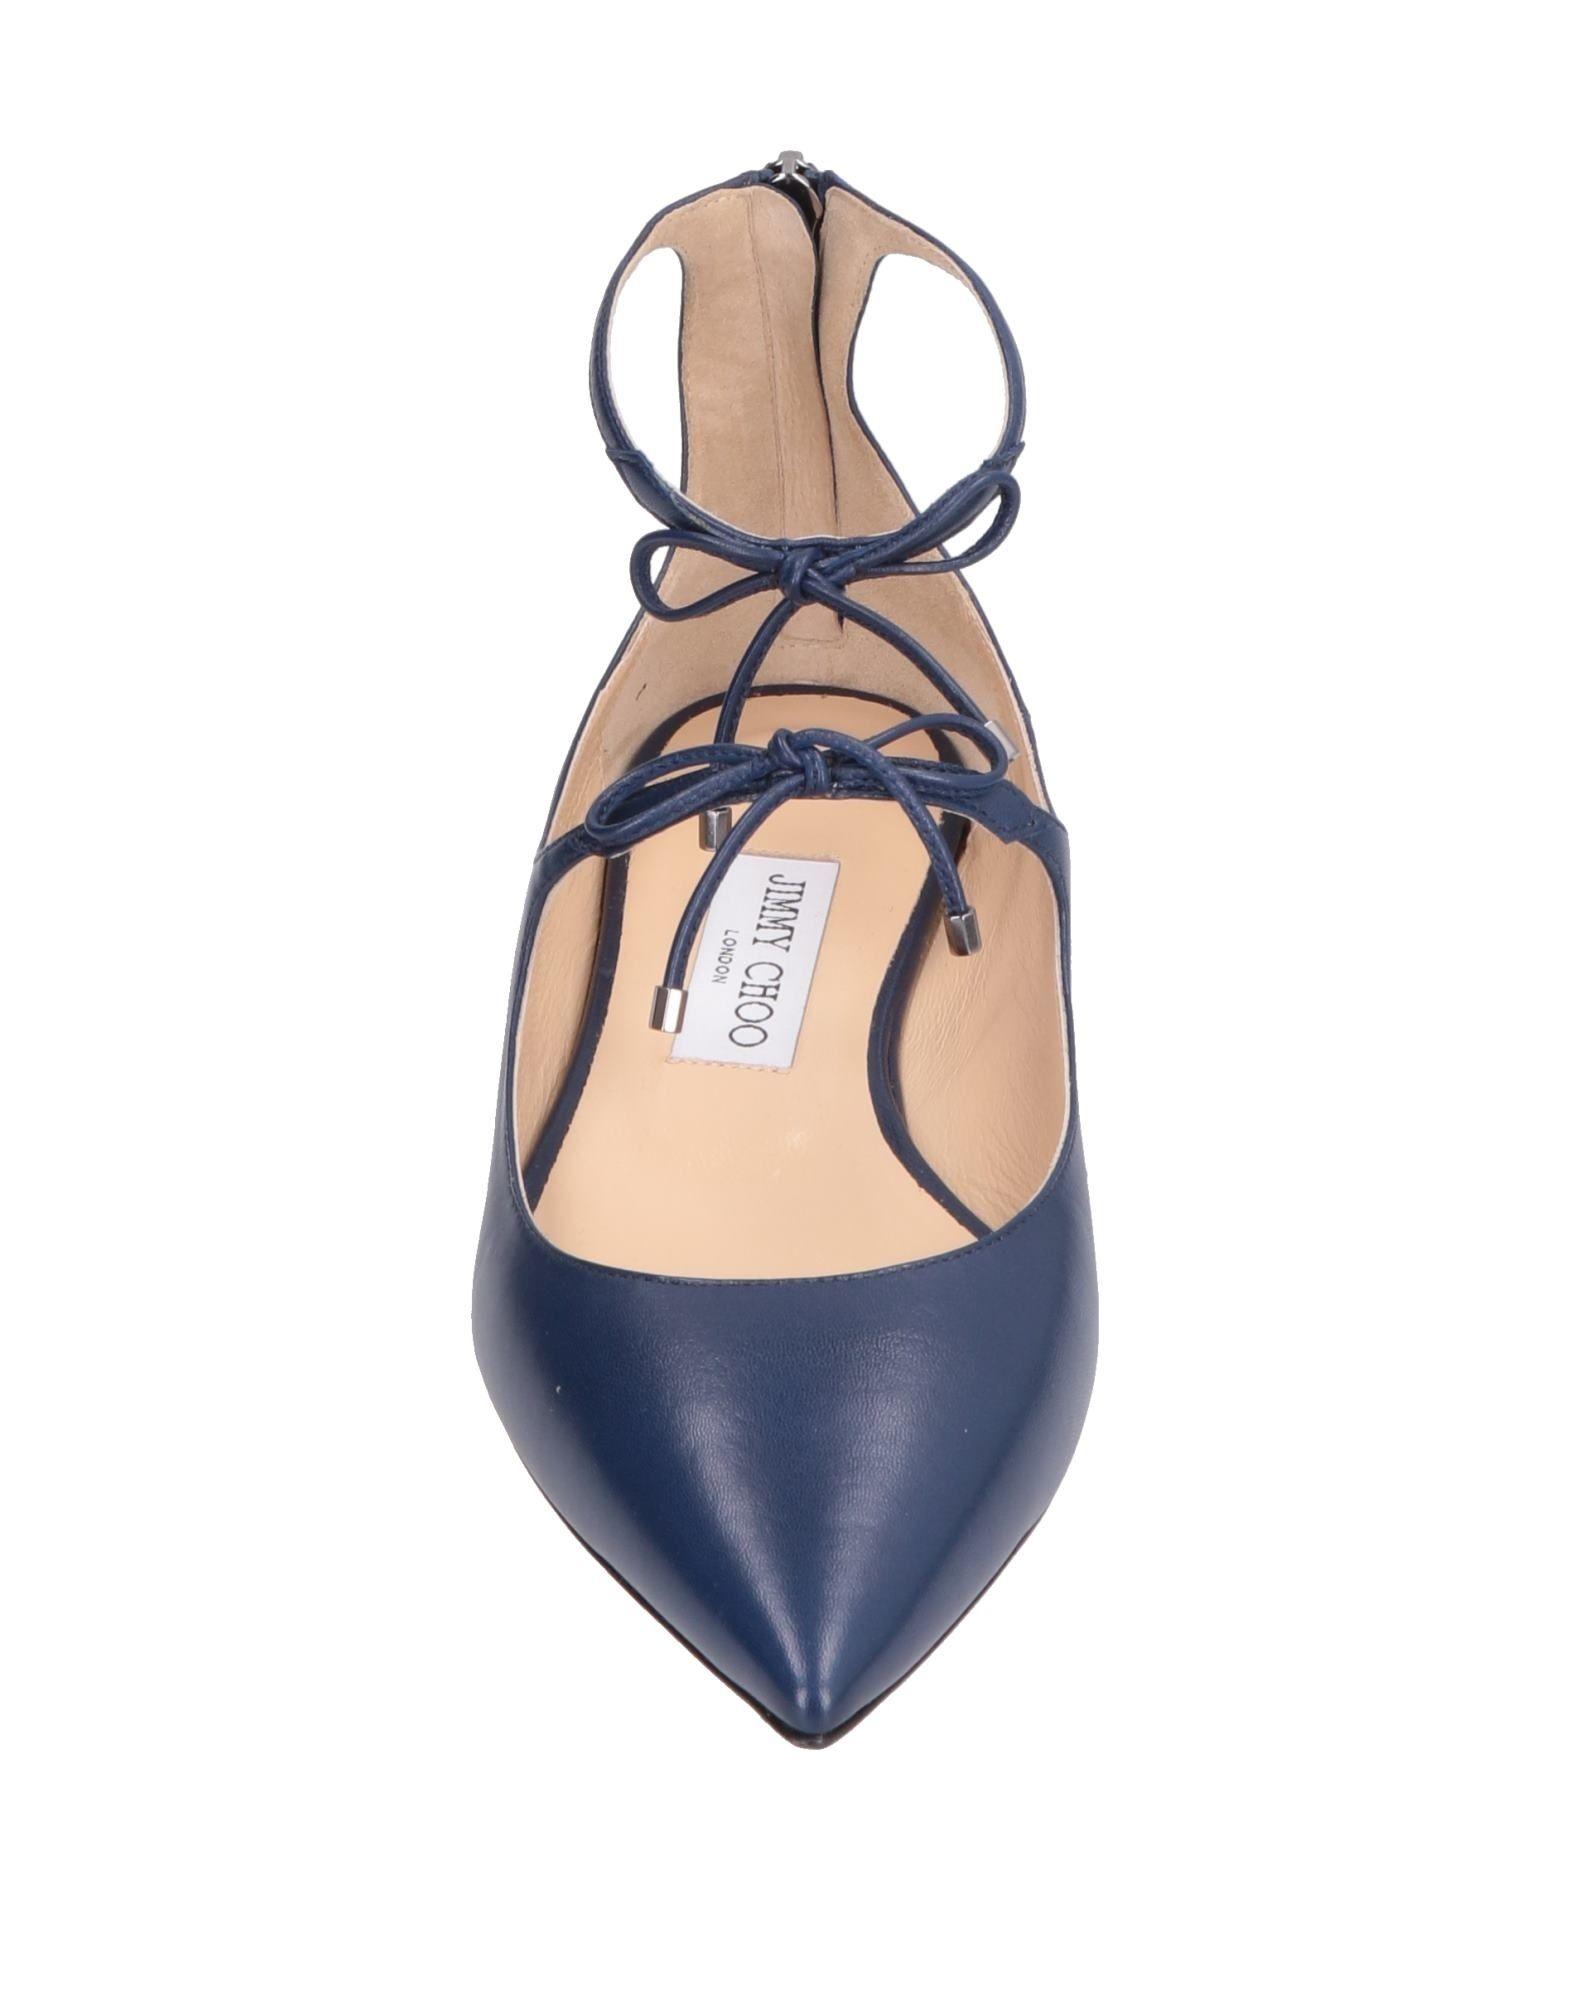 Jimmy Choo Ballerinas Damen Gutes Preis-Leistungs-Verhältnis, Preis-Leistungs-Verhältnis, Gutes es lohnt sich 6f903d